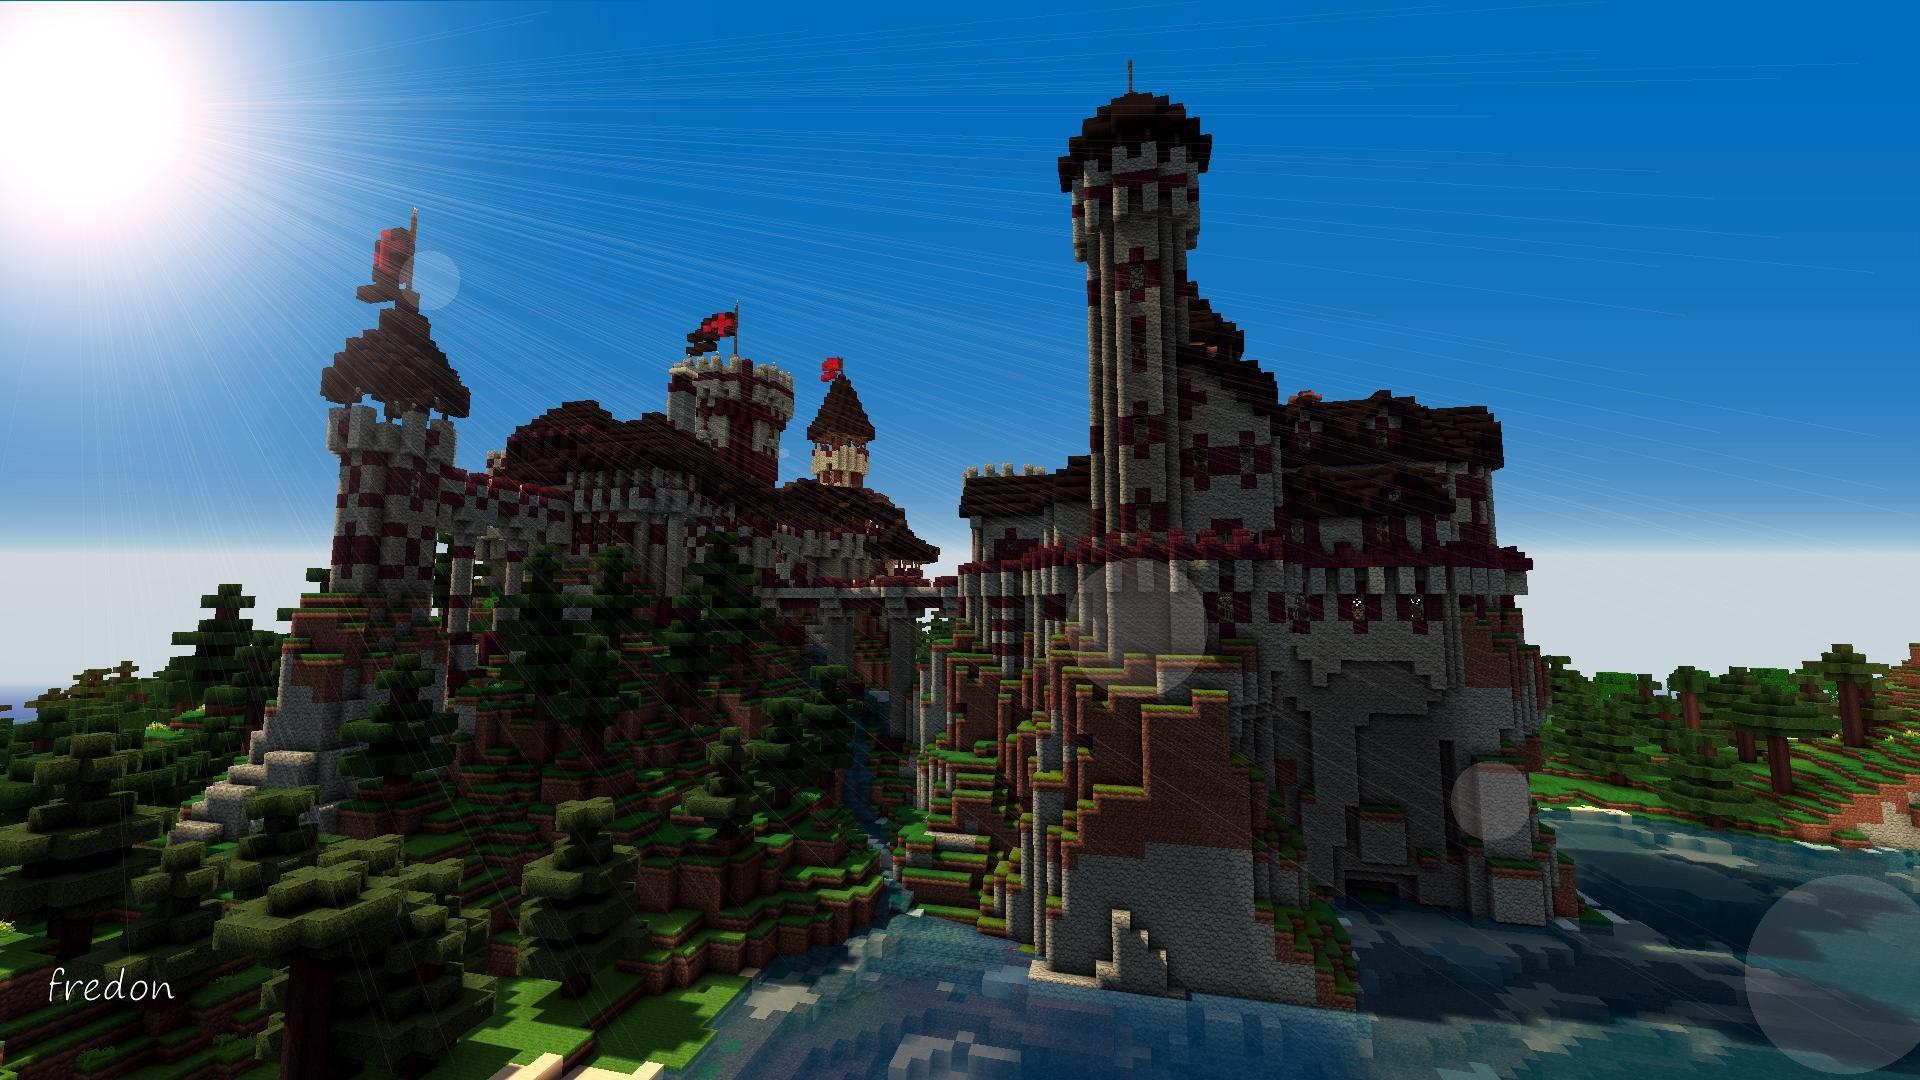 Wallpaper For Windows 7 3d Die 76 Besten Minecraft Hintergrundbilder